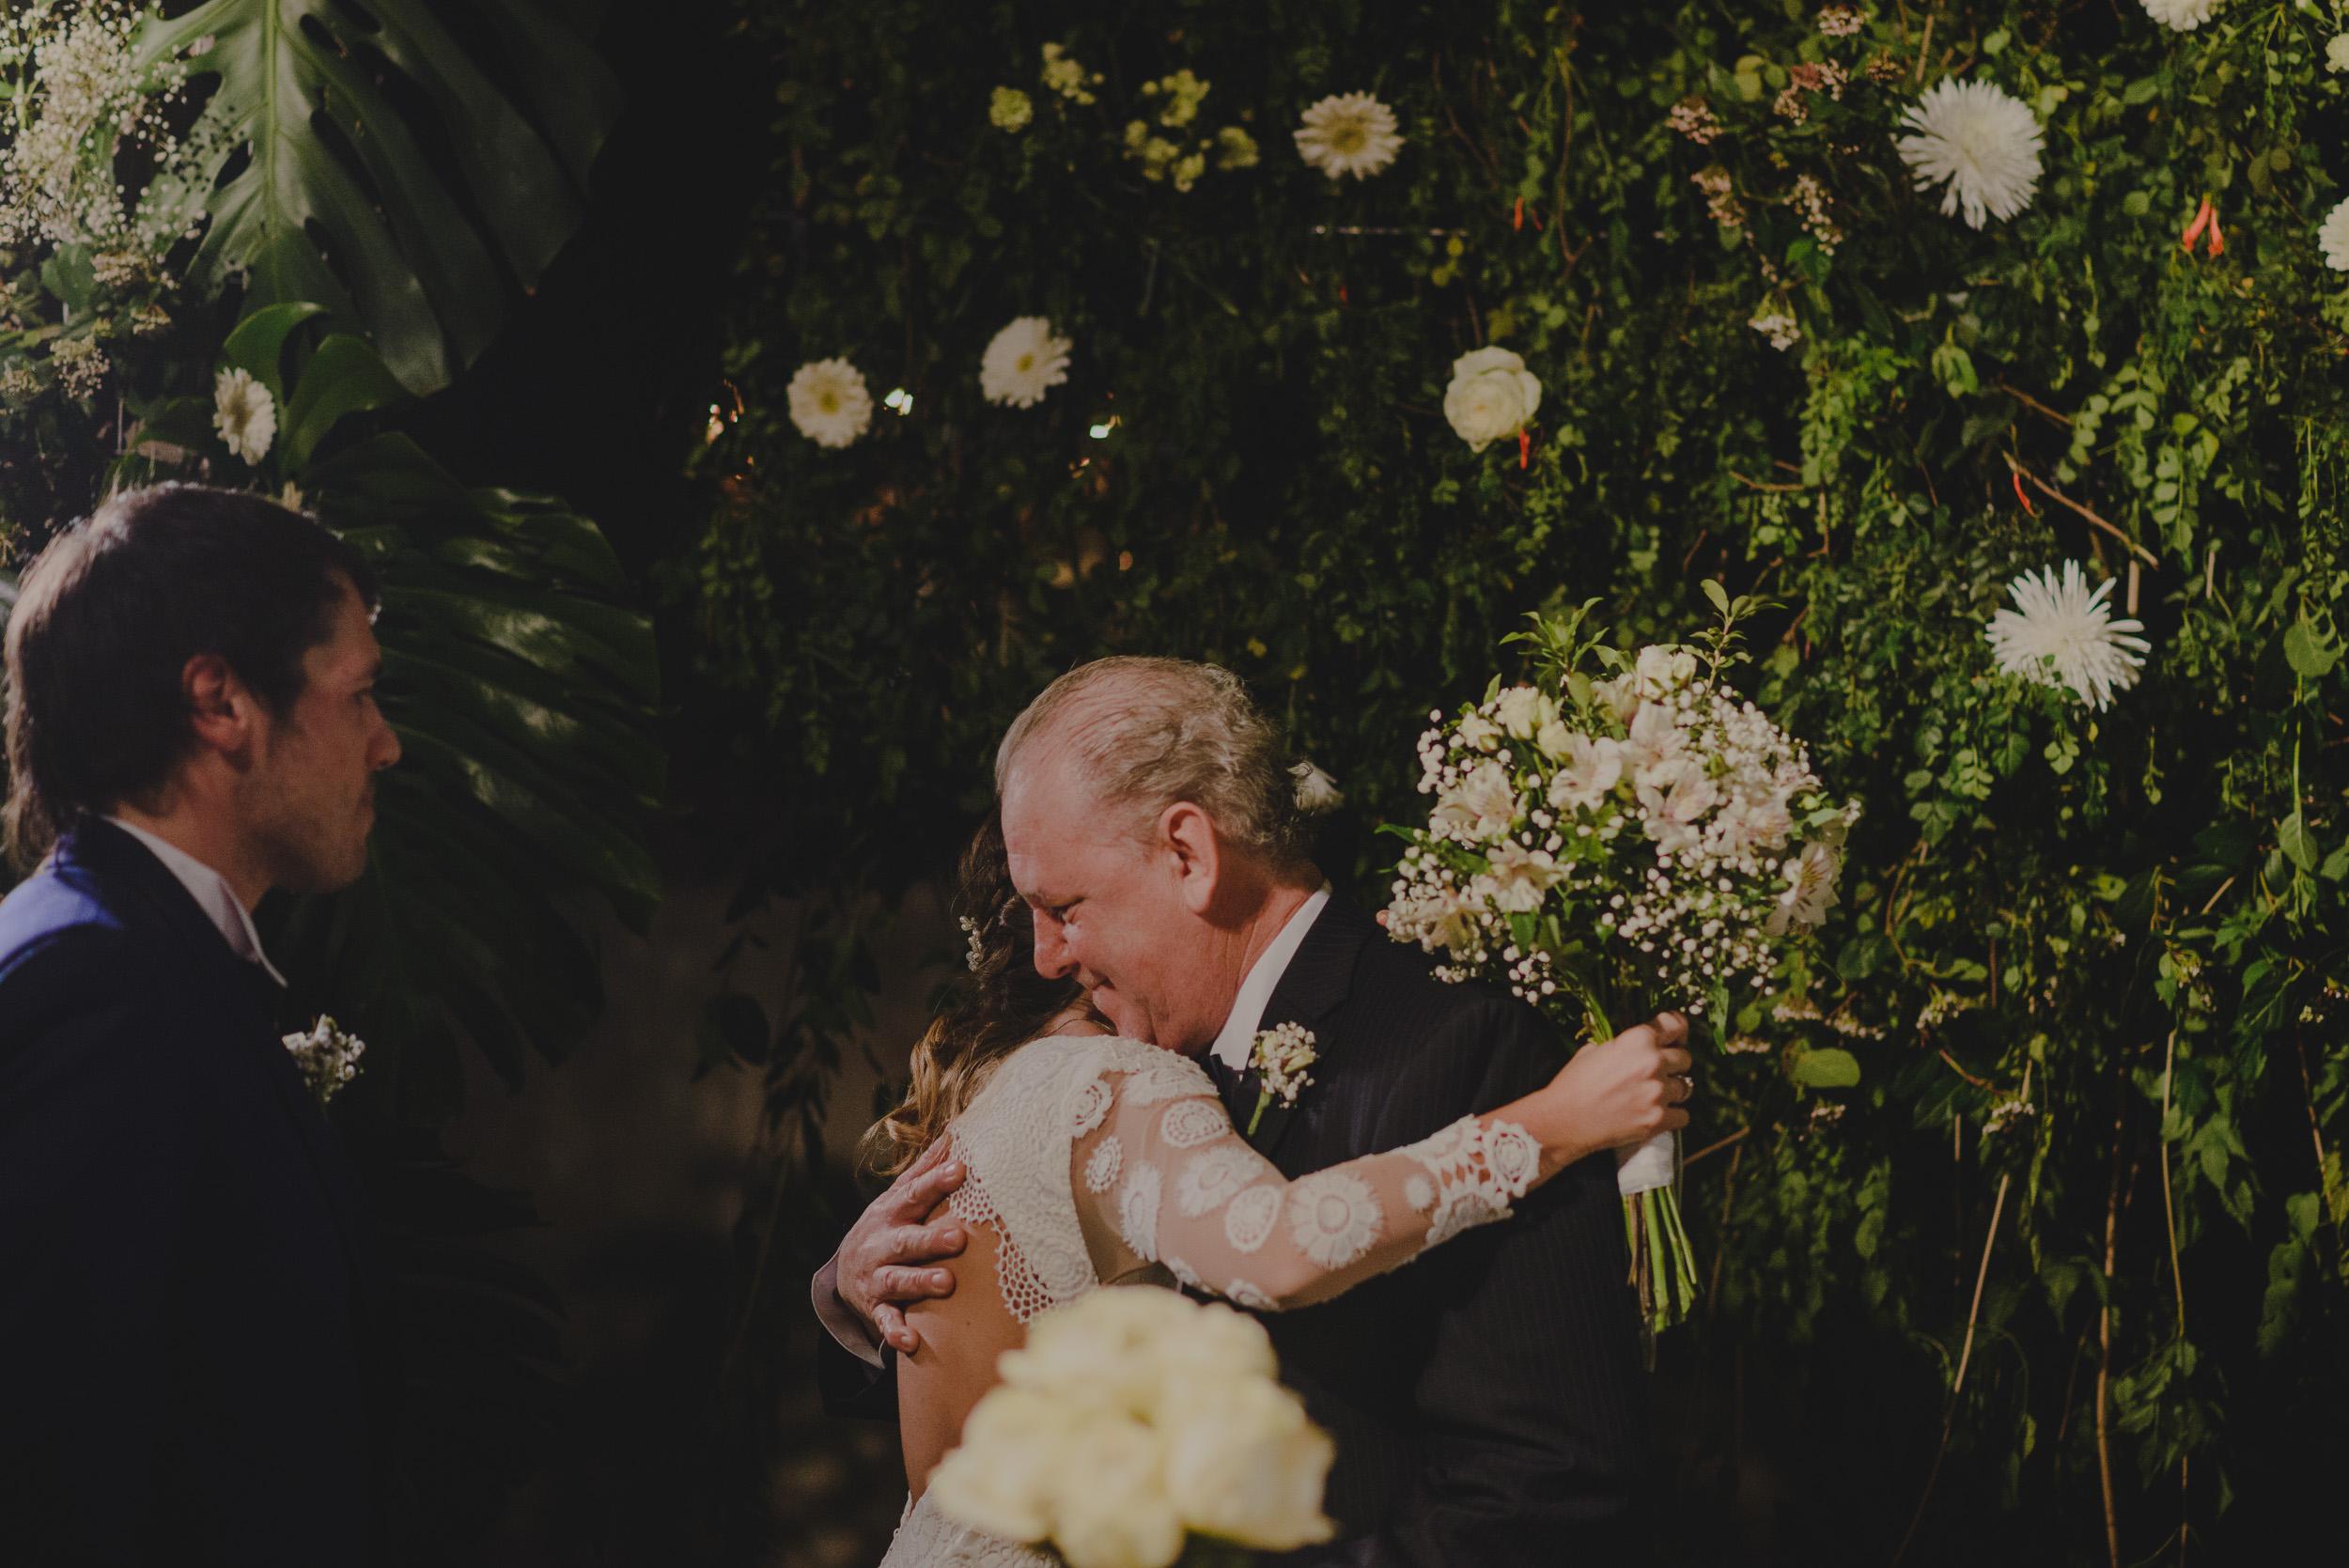 Mati & Juan boda en Bodega Jacksonville , FOTOGRAFIA DE BODA POITEVIN LOPEZ-80